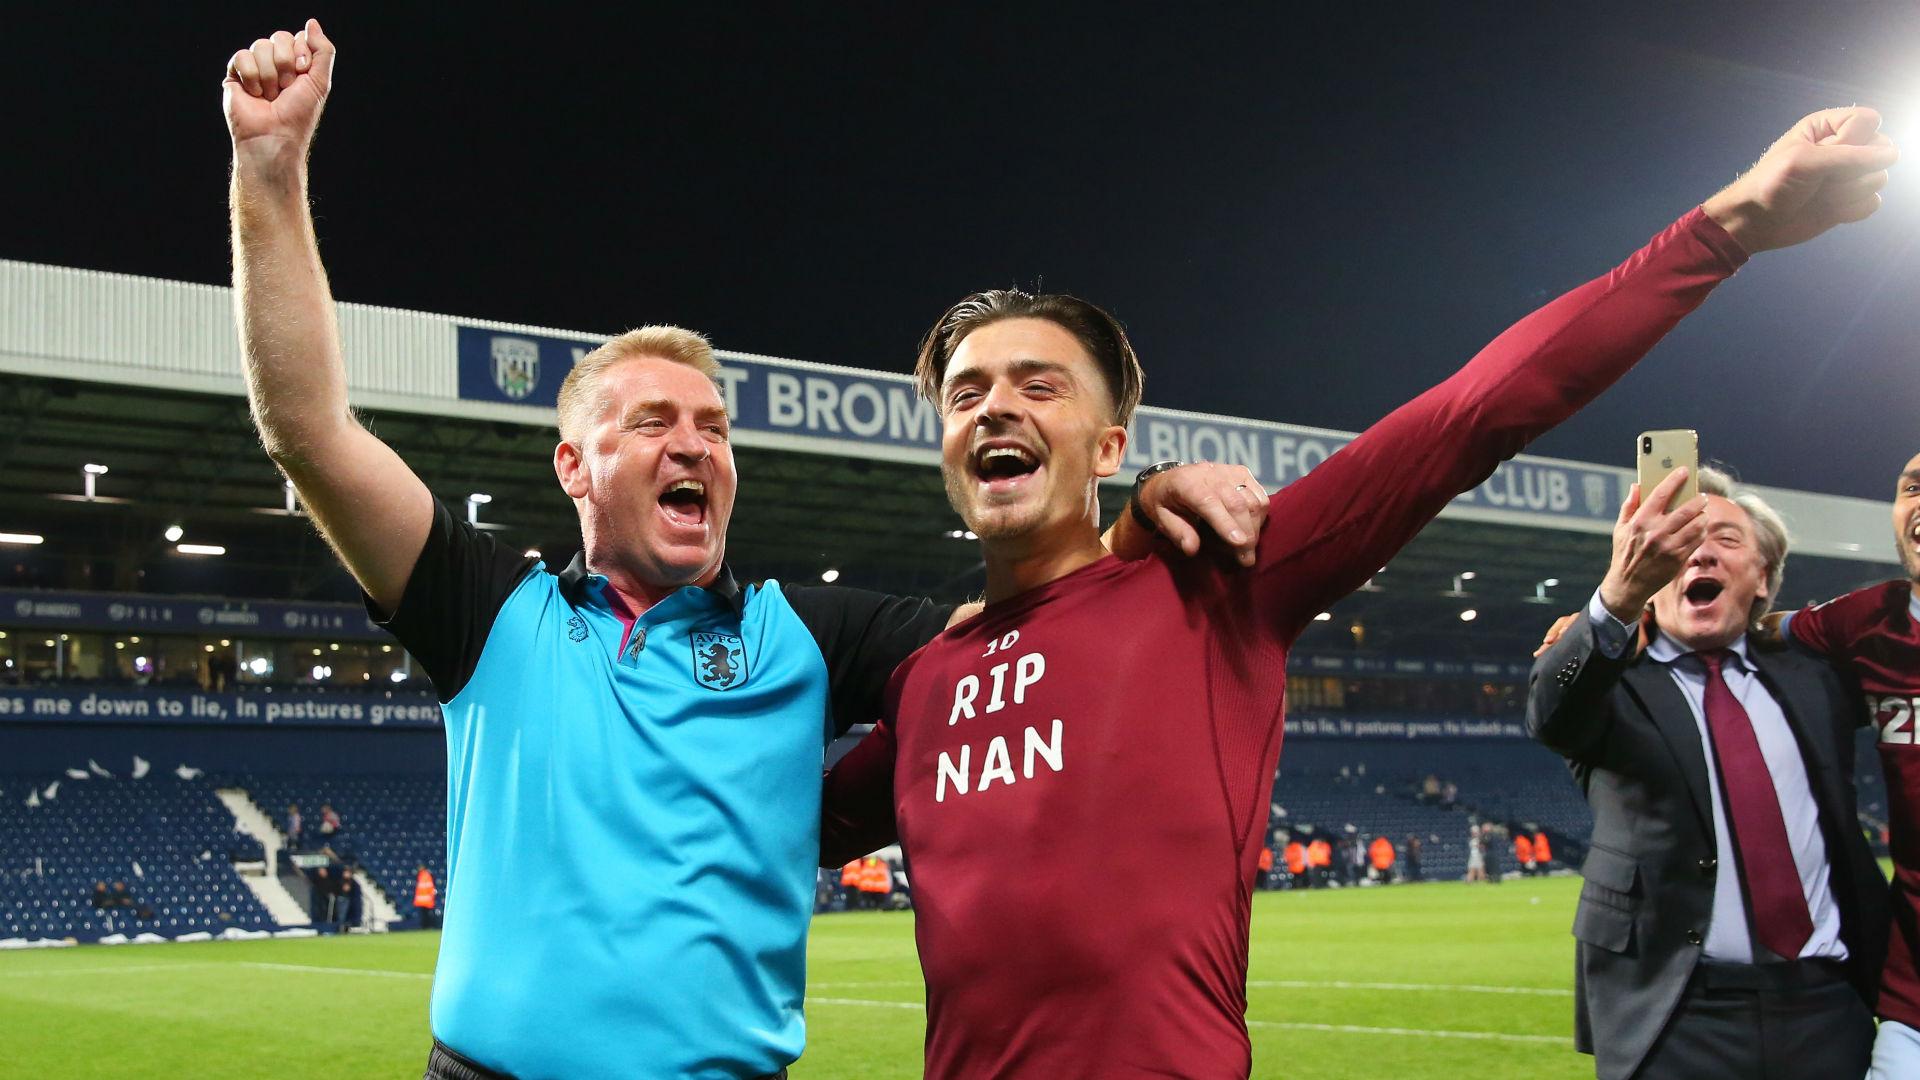 Aston Villa blowing away Premier League in transfer market as they near €100m spending mark